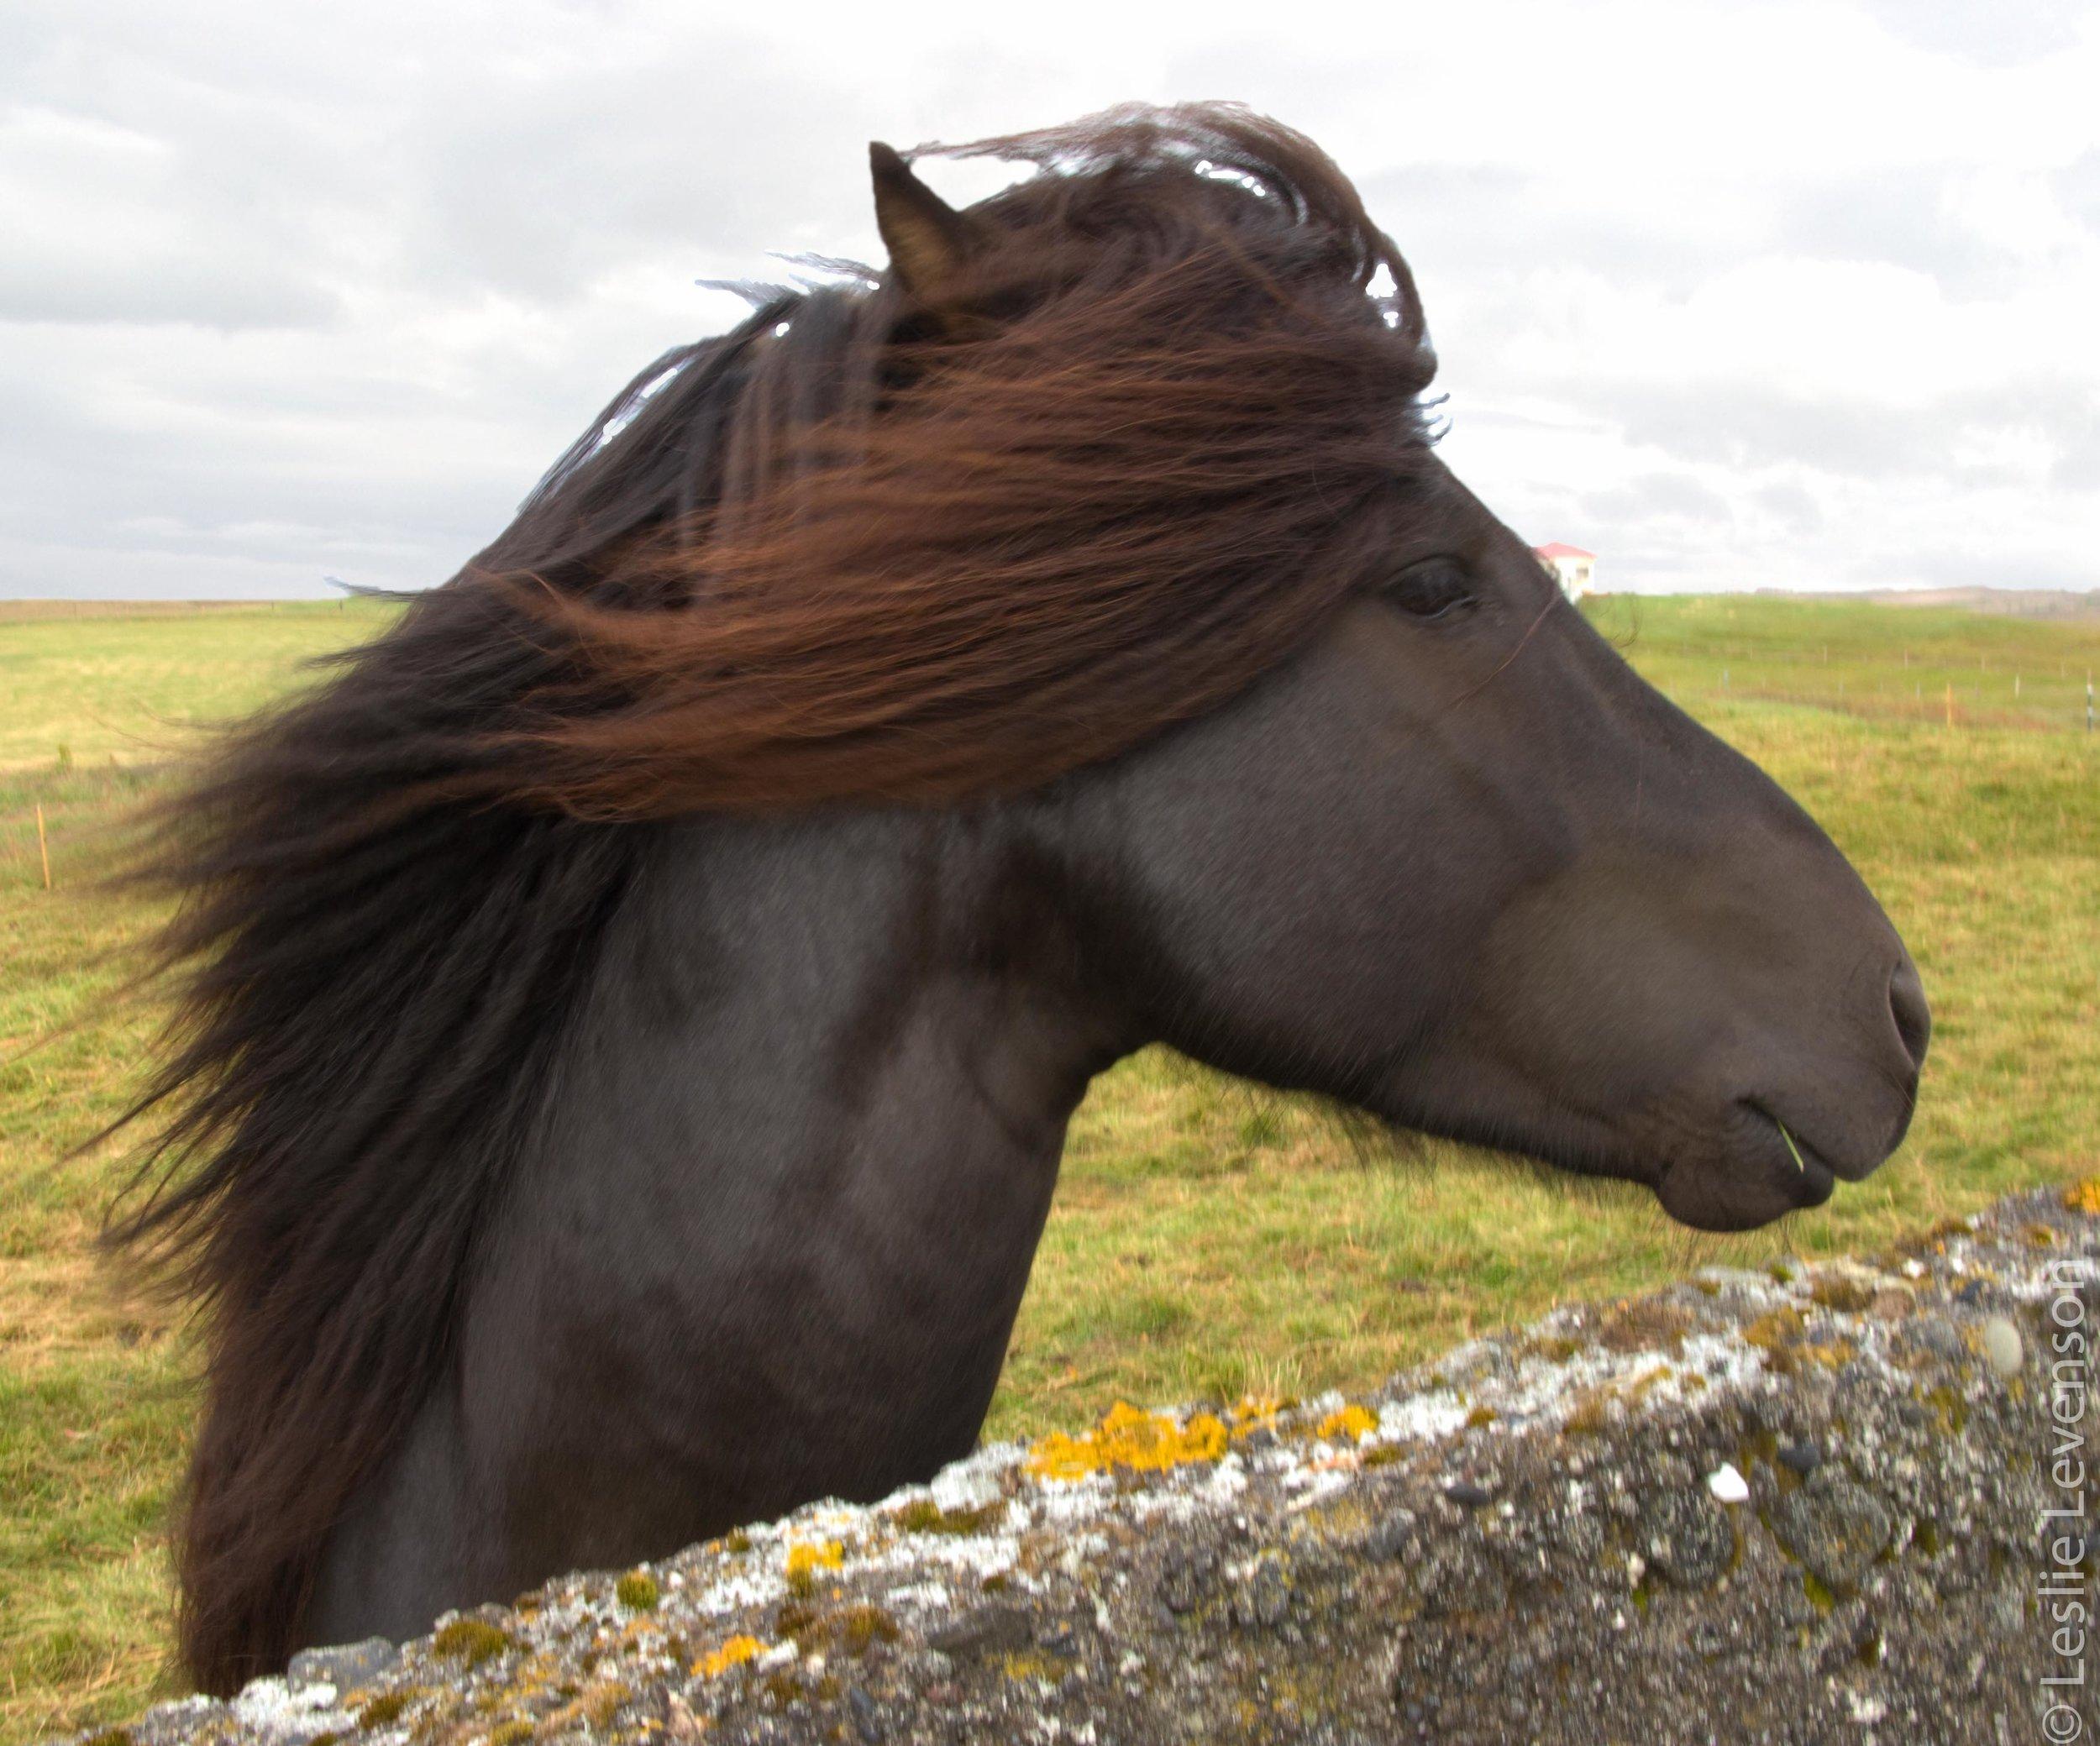 Hellissandur-horsehead.jpg